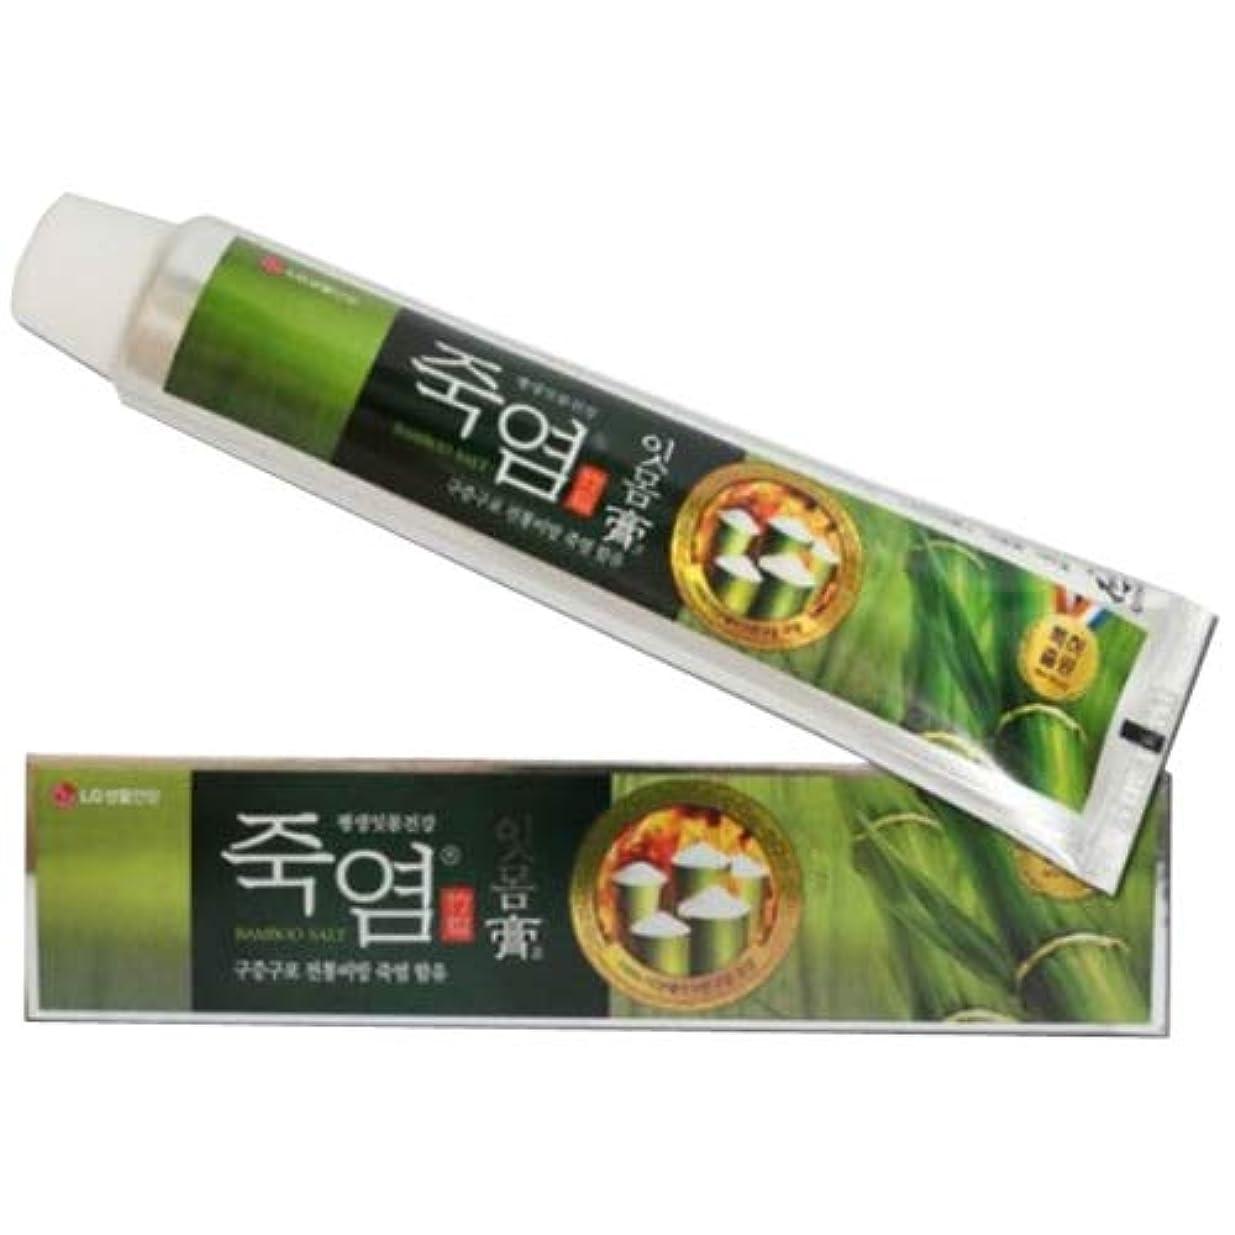 データベースおばあさん美人[LG Care/LG生活健康]竹塩歯磨き粉つぶれて歯茎を健康に120g x1EA 歯磨きセットスペシャル?リミテッドToothpaste Set Special Limited Korea